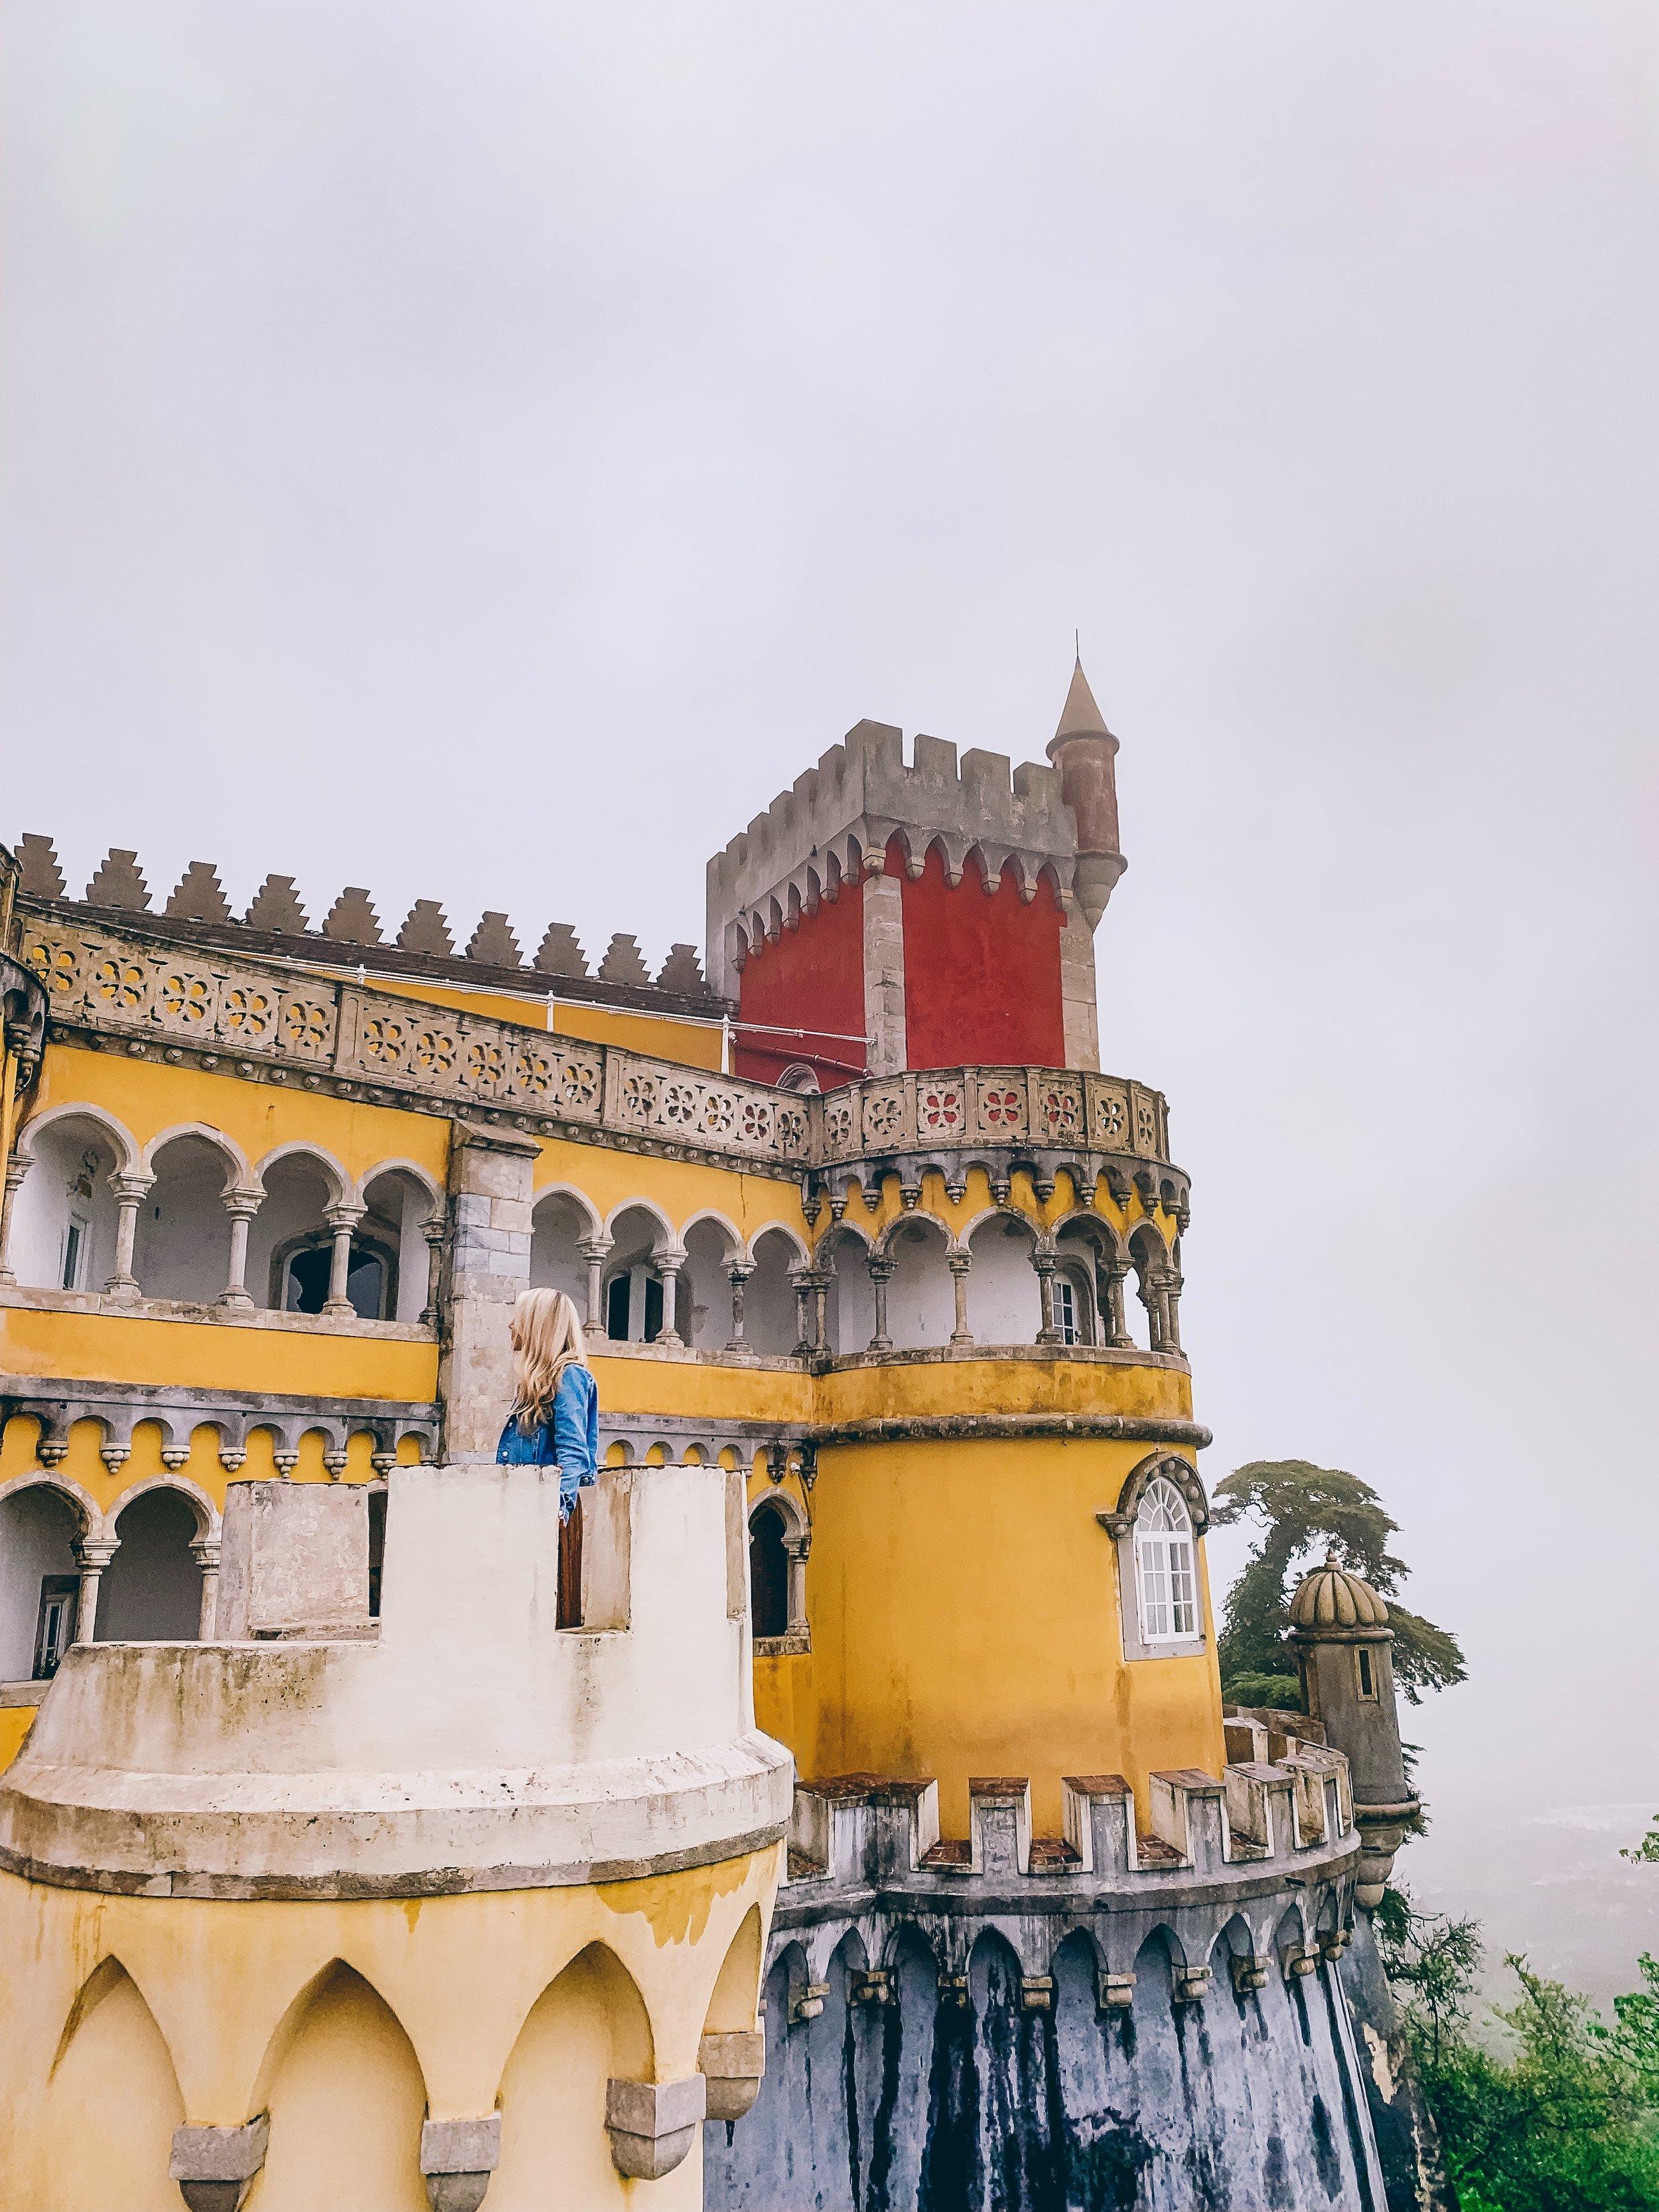 The beautiful Pena Palace